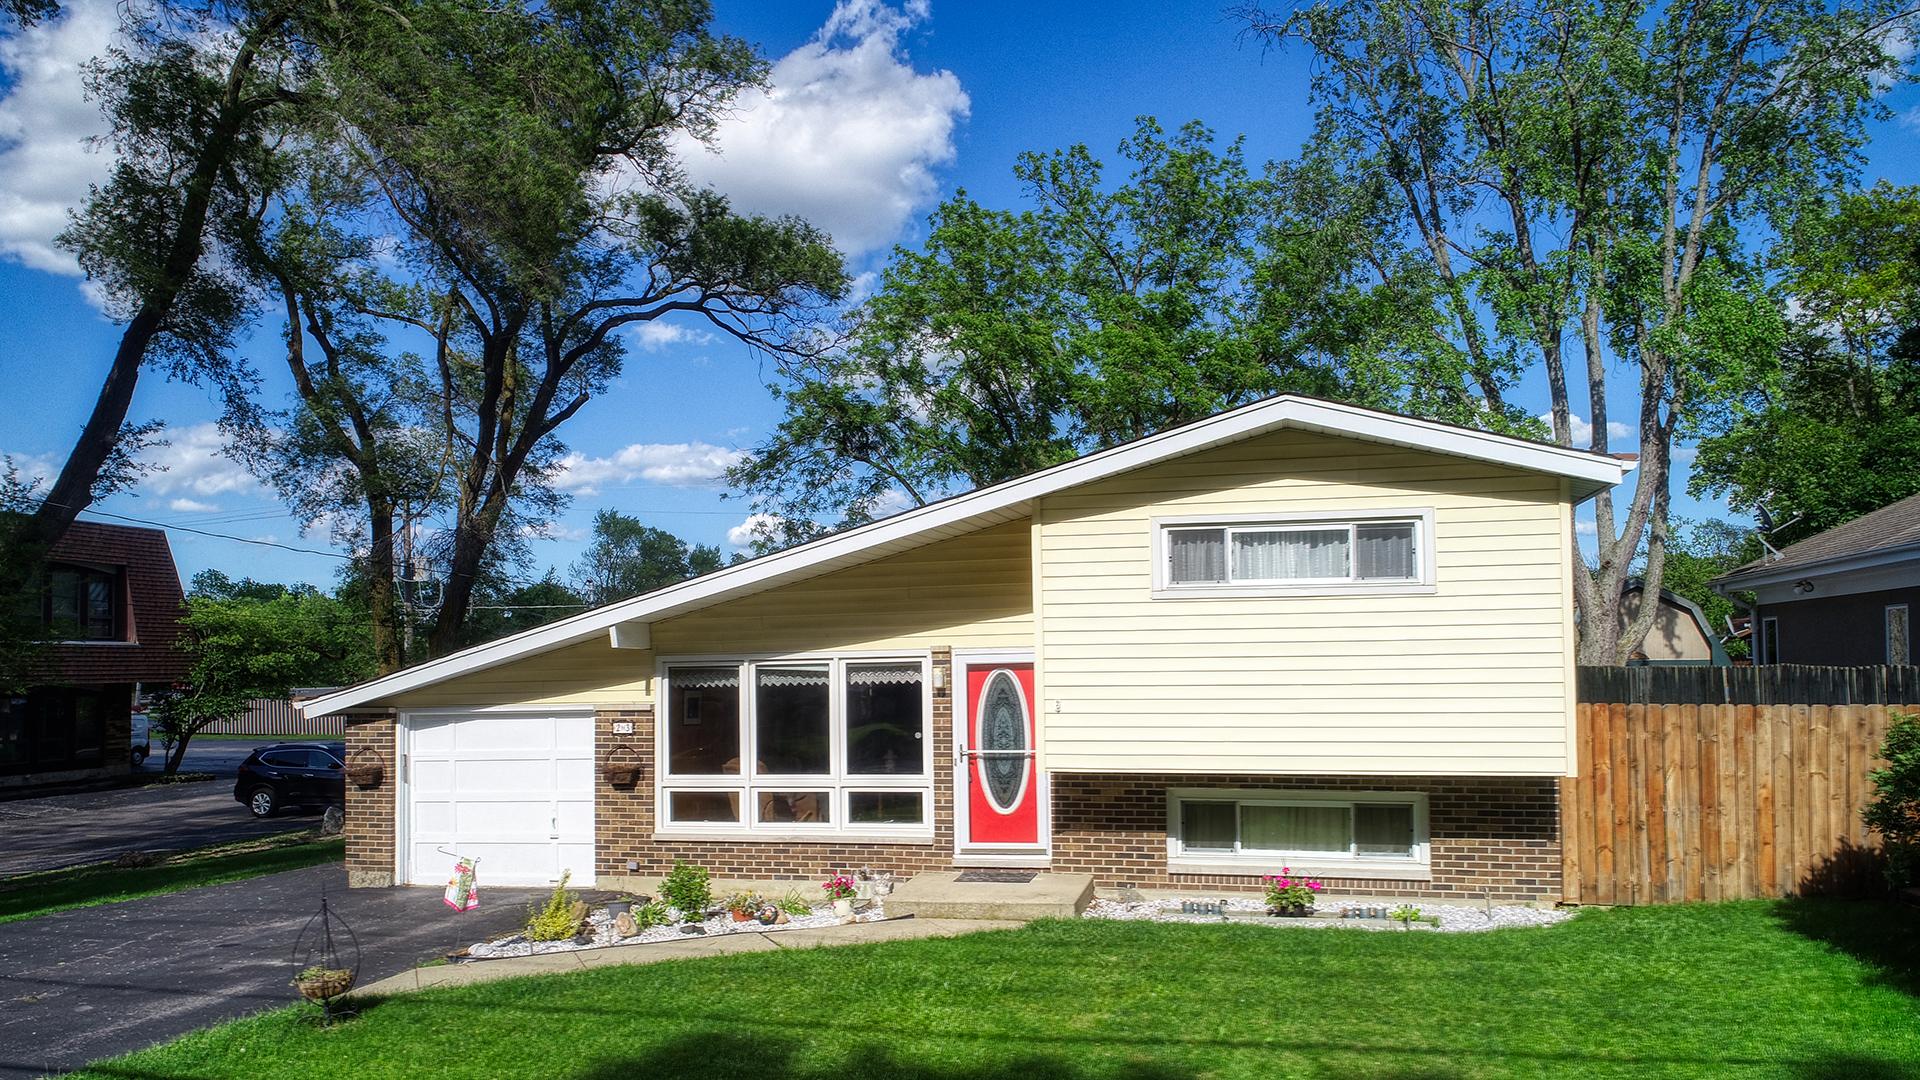 23 Oak Knoll Drive, Lake Villa, Illinois 60046